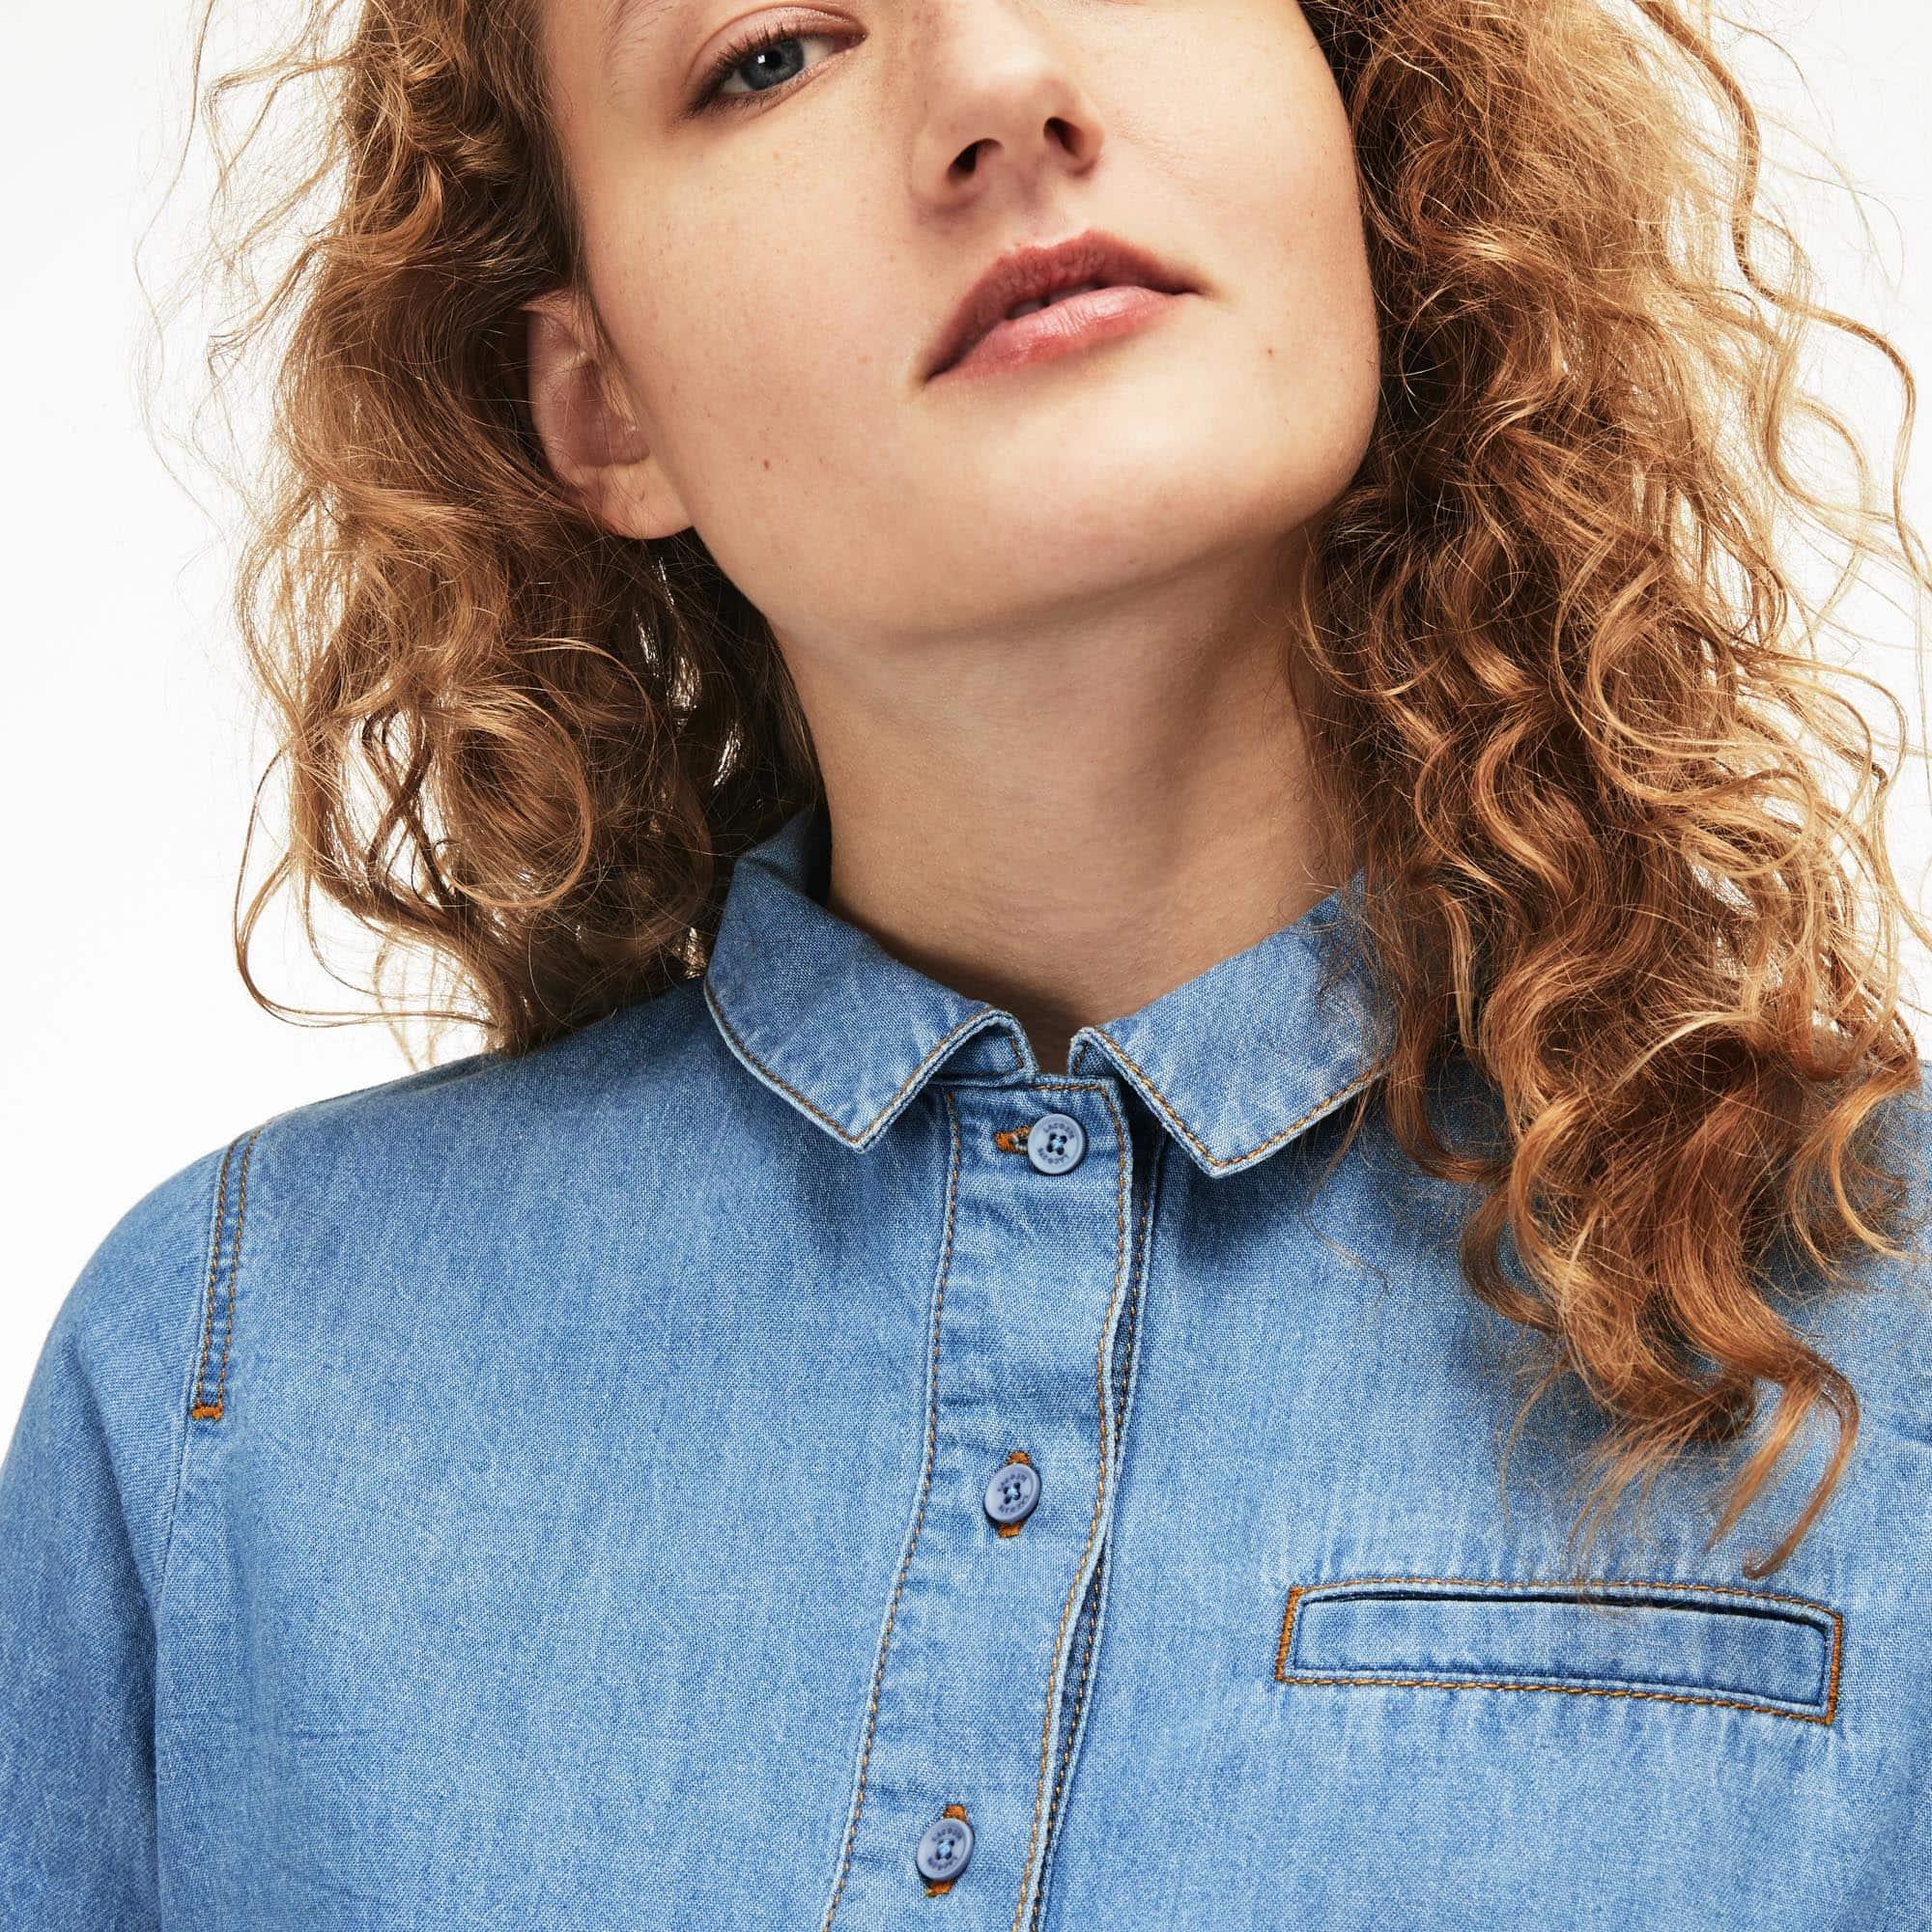 51137c181 Women s Polo Shirt Collar Lightweight Denim Shirt